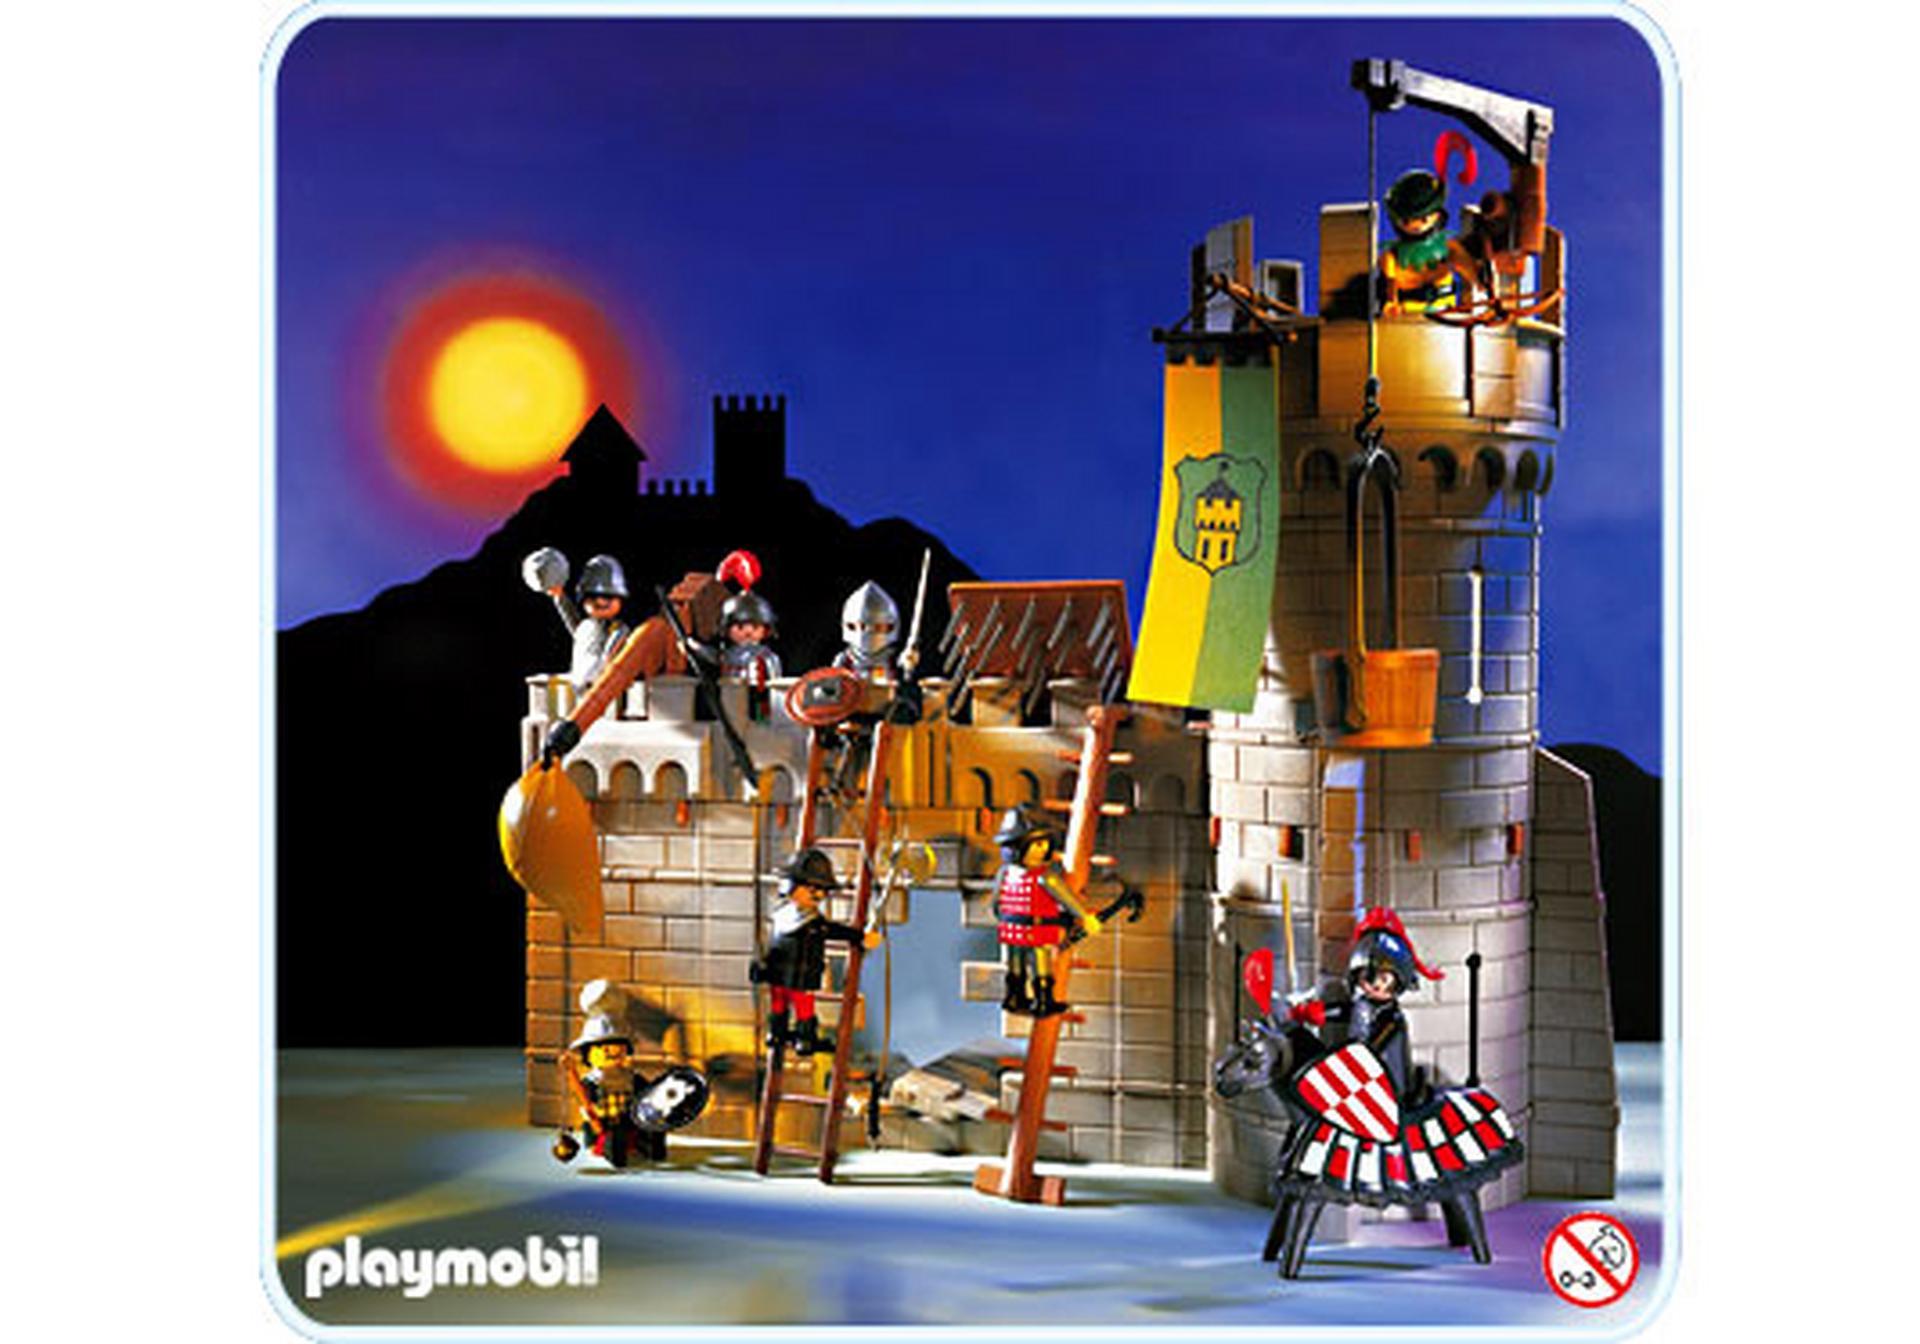 Chevaliers tour d enceinte assi g e 3888 a playmobil - Chateau chevalier playmobil ...